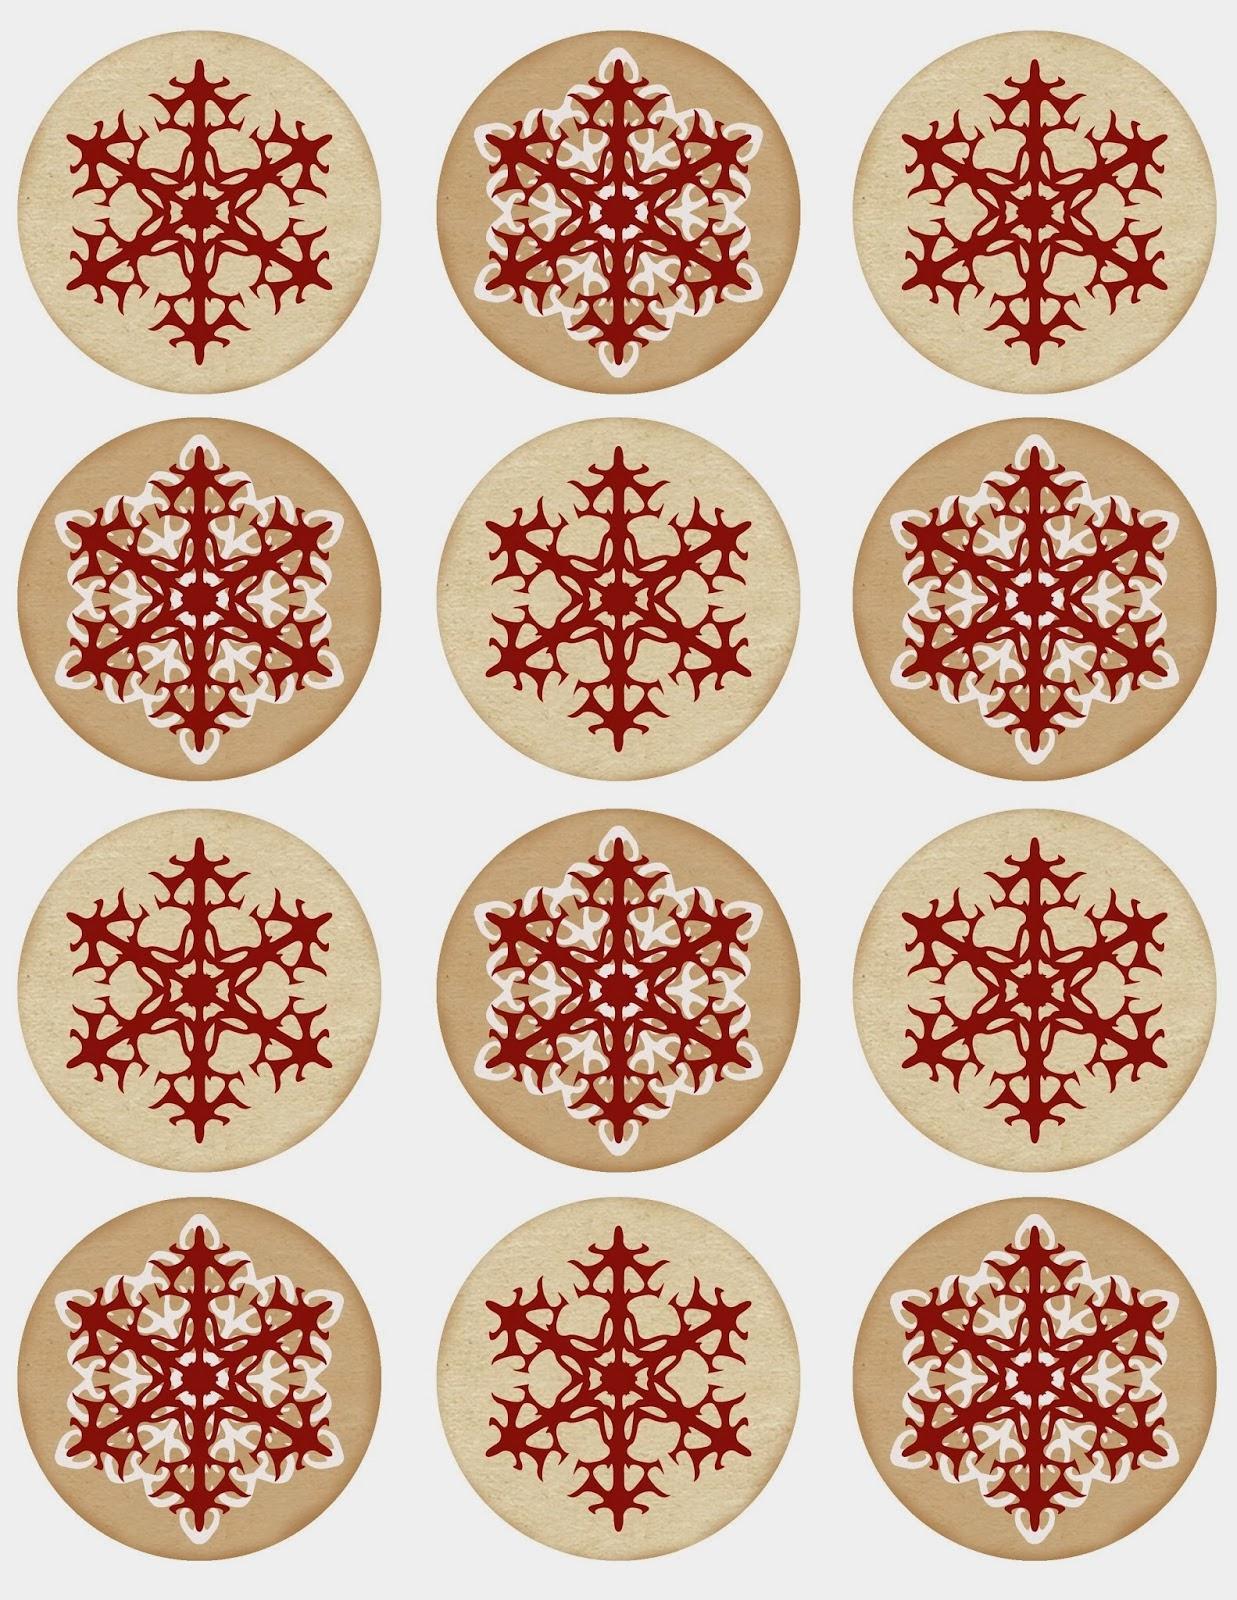 Cajas Navideñas Etiquetas Y Toppers Diseños Con Copos De Nieve